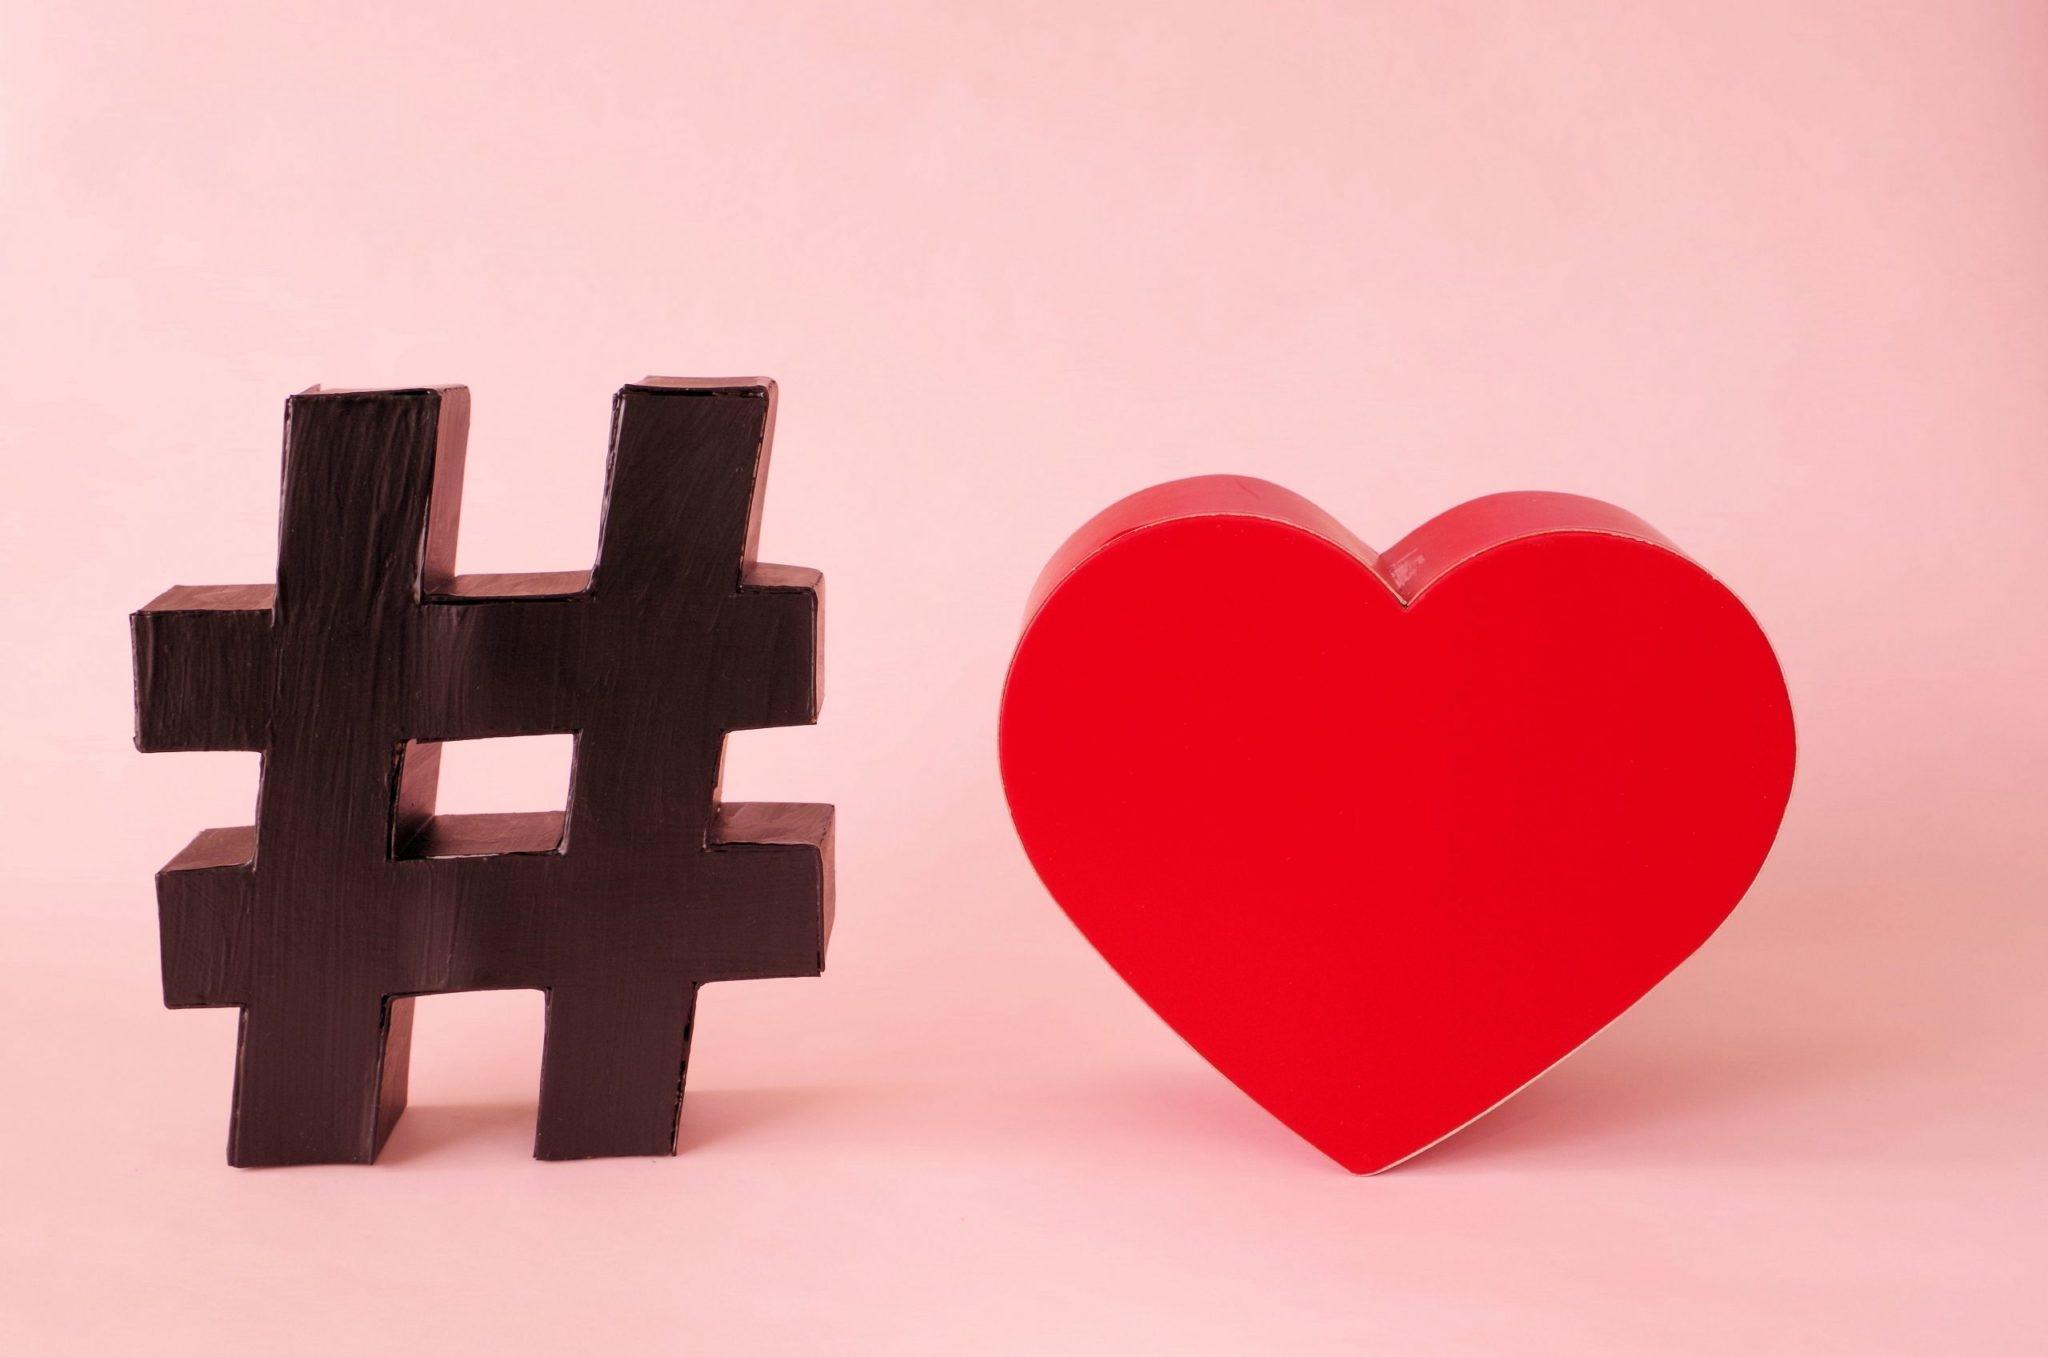 hashtags-motivacionais-impacto-marcas_